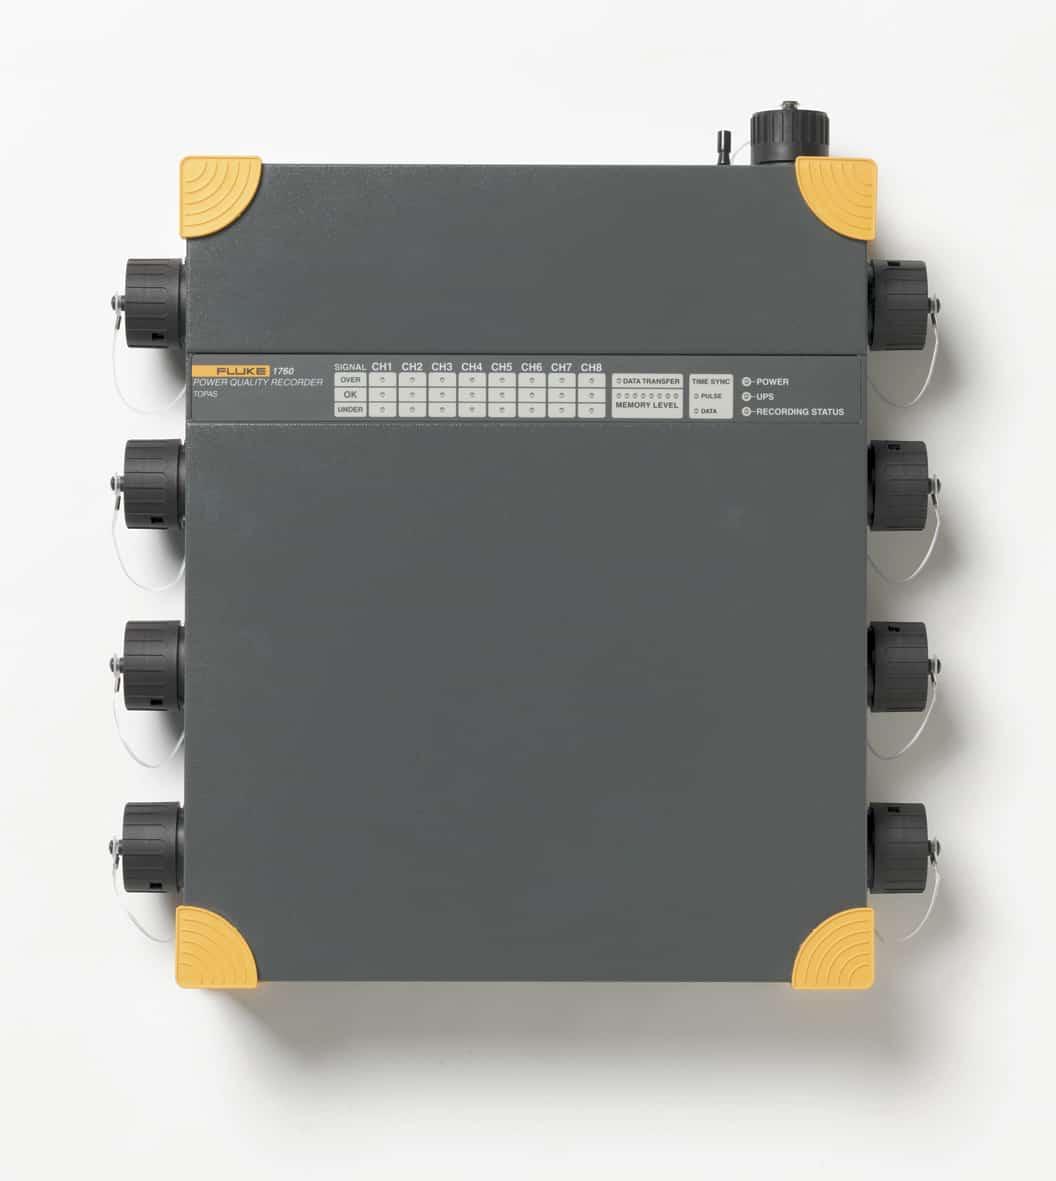 FLUKE 1760 - 3-Phase Energy Logger